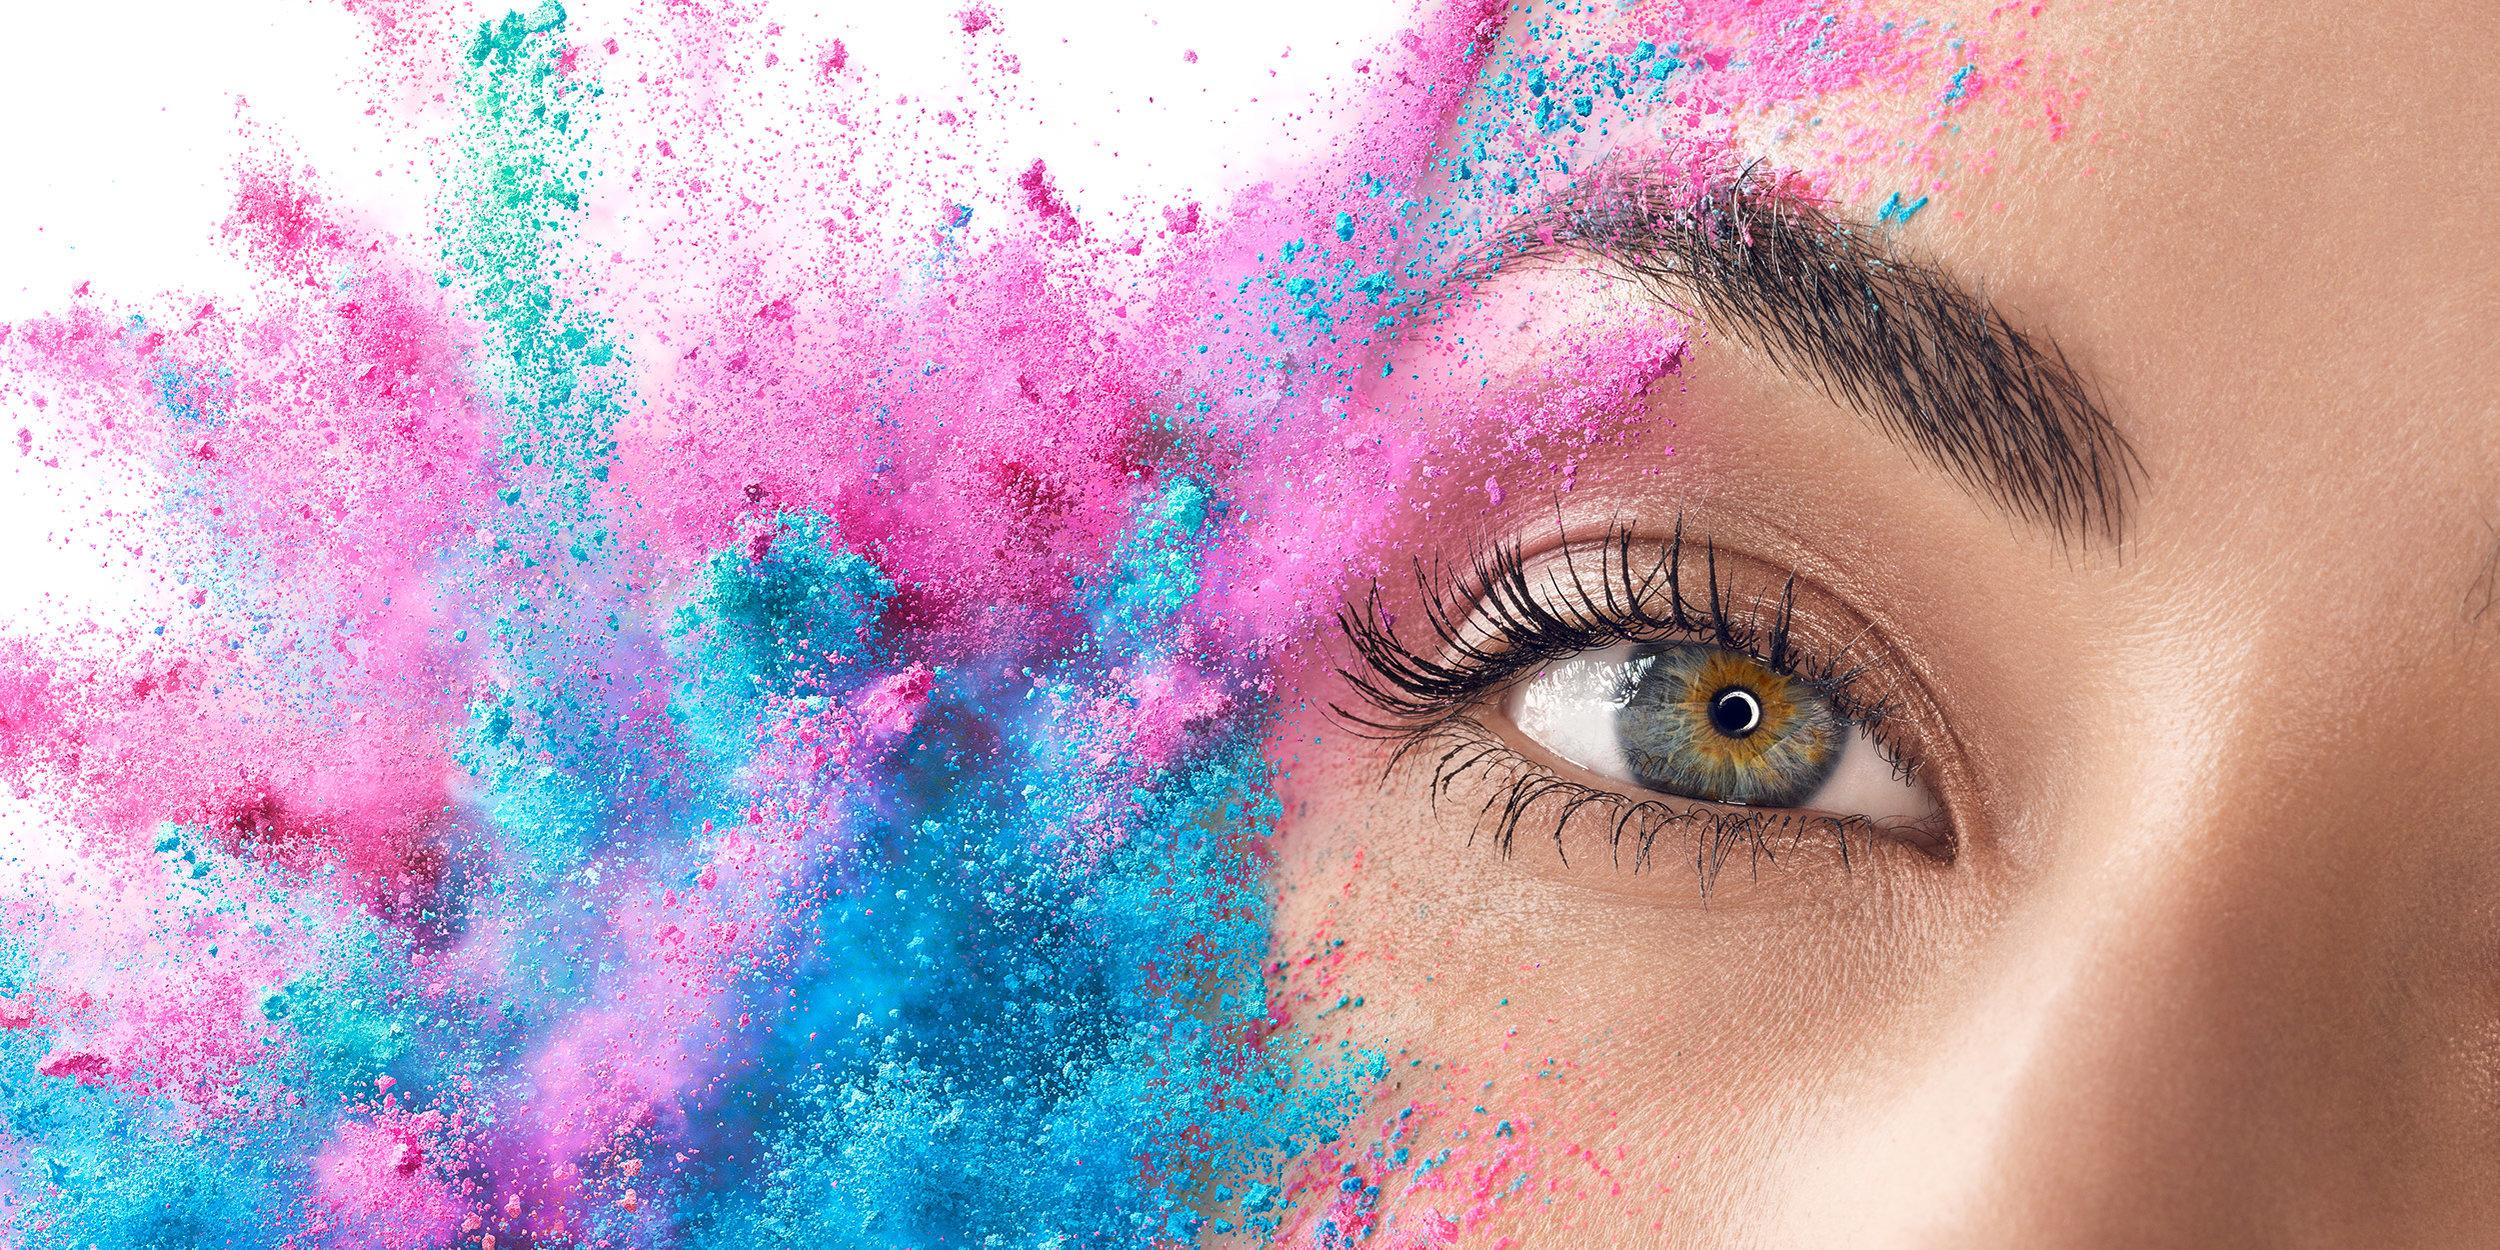 swissQprint | Key Visuals - ….Spannende fotografische Umsetzung mit einer Kombination von Porträts und Farbexplosionen für den Hersteller der besten UV-Inkjet Drucker...Exciting photographic realization with a combination of portraits and color explosions for the manufacturer of the best UV inkjet printers.….